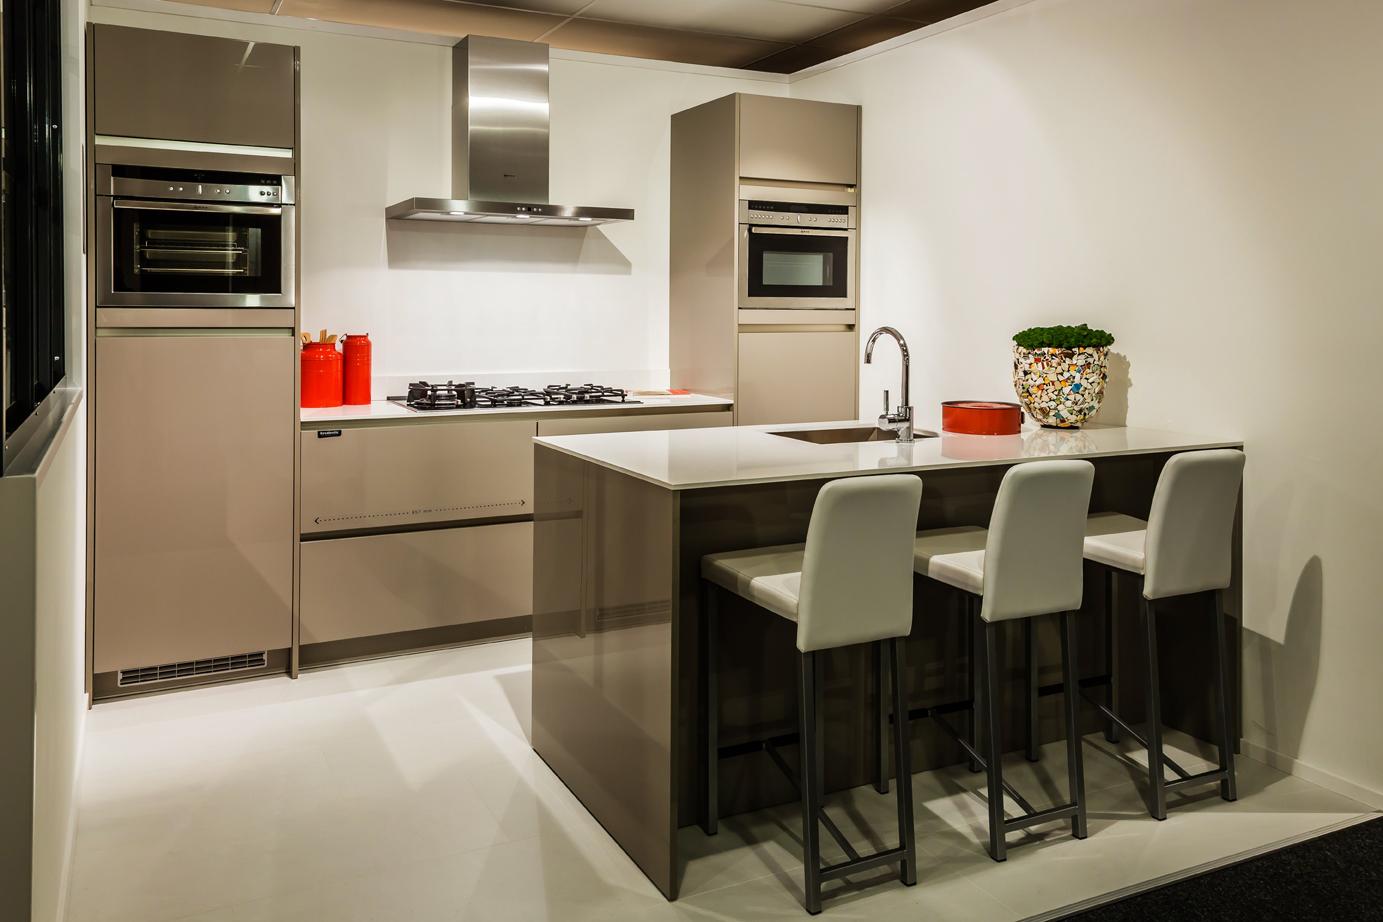 Handgrepen Keuken Prijs : Design keuken met luxe apparatuur DB Keukens